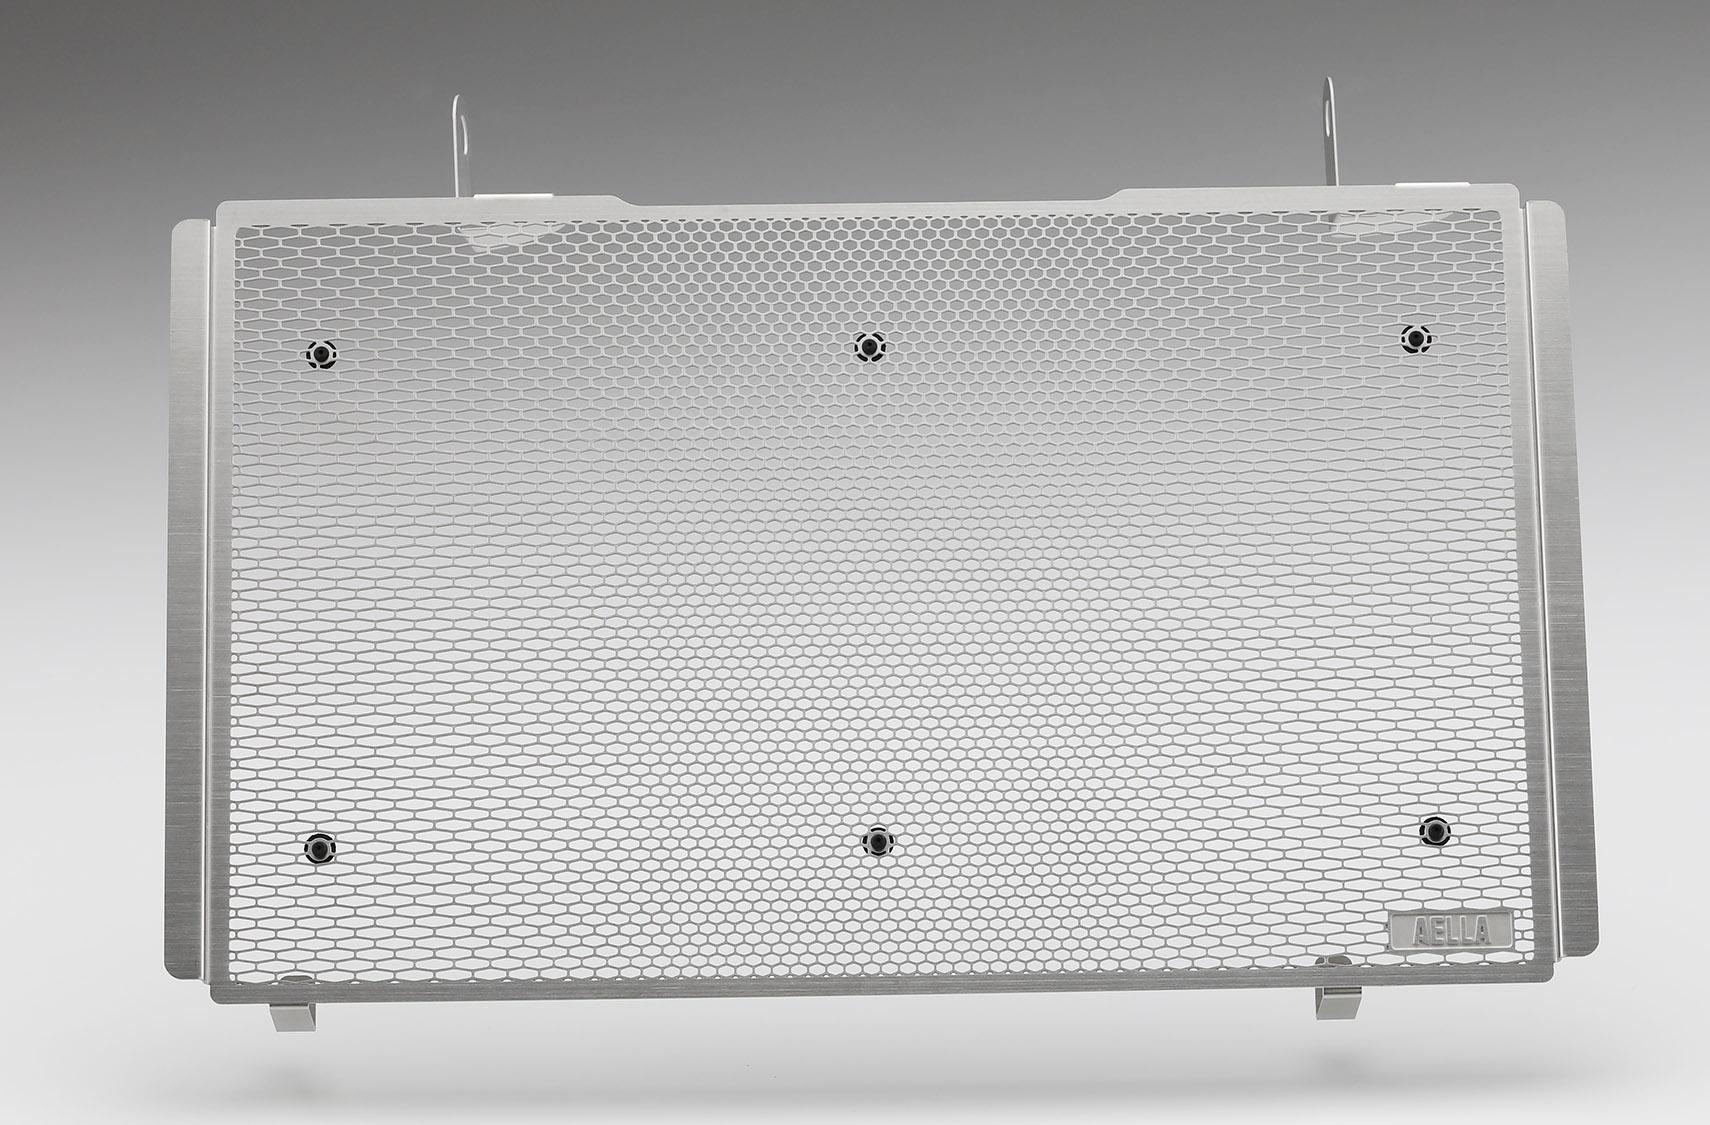 アエラ ラジエタープロテクター ブラック DUCATI MONSTER 21-/MONSTER plus 21-